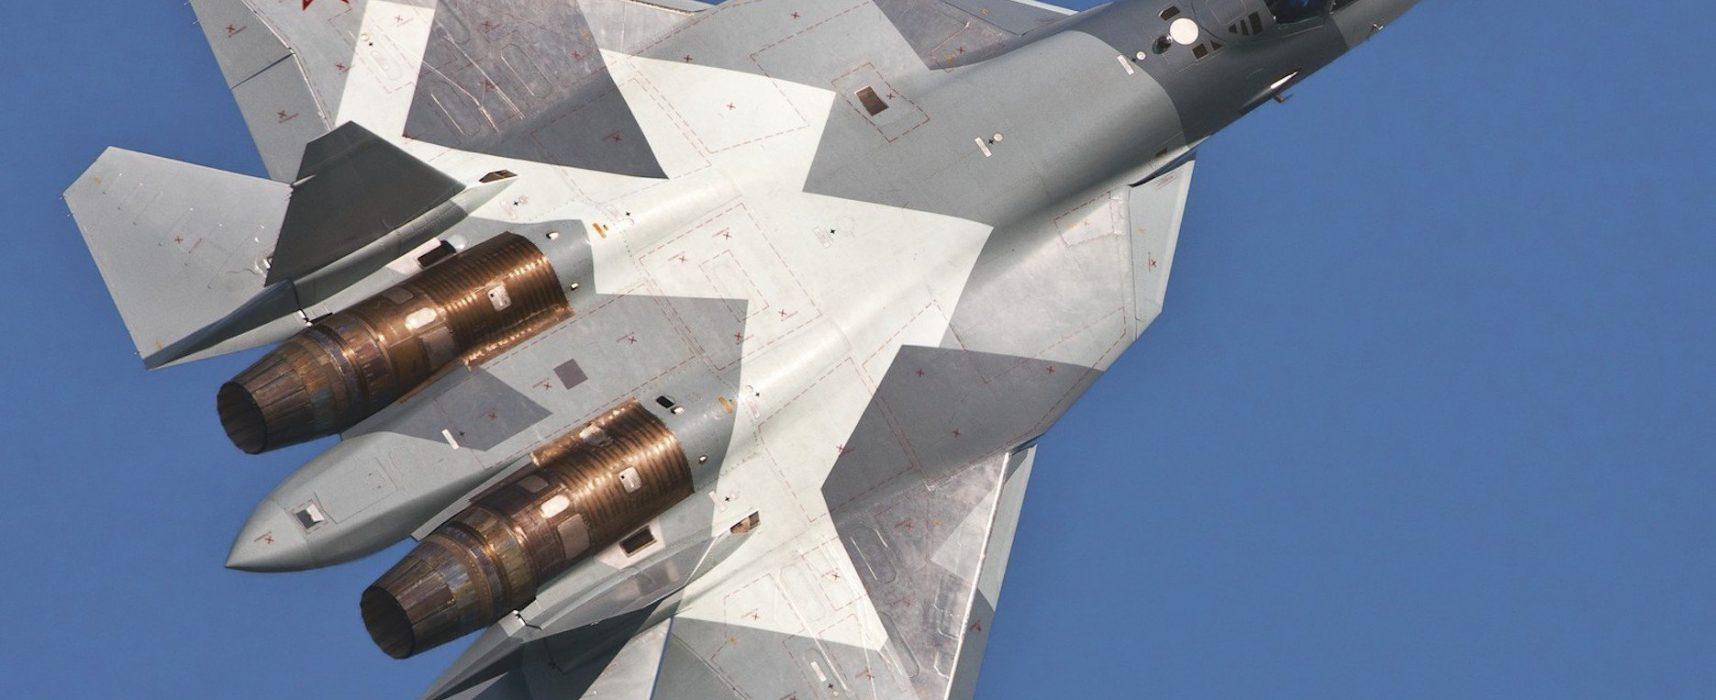 Фейк: в США признали превосходство российского истребителя Су-57 над американским F-35